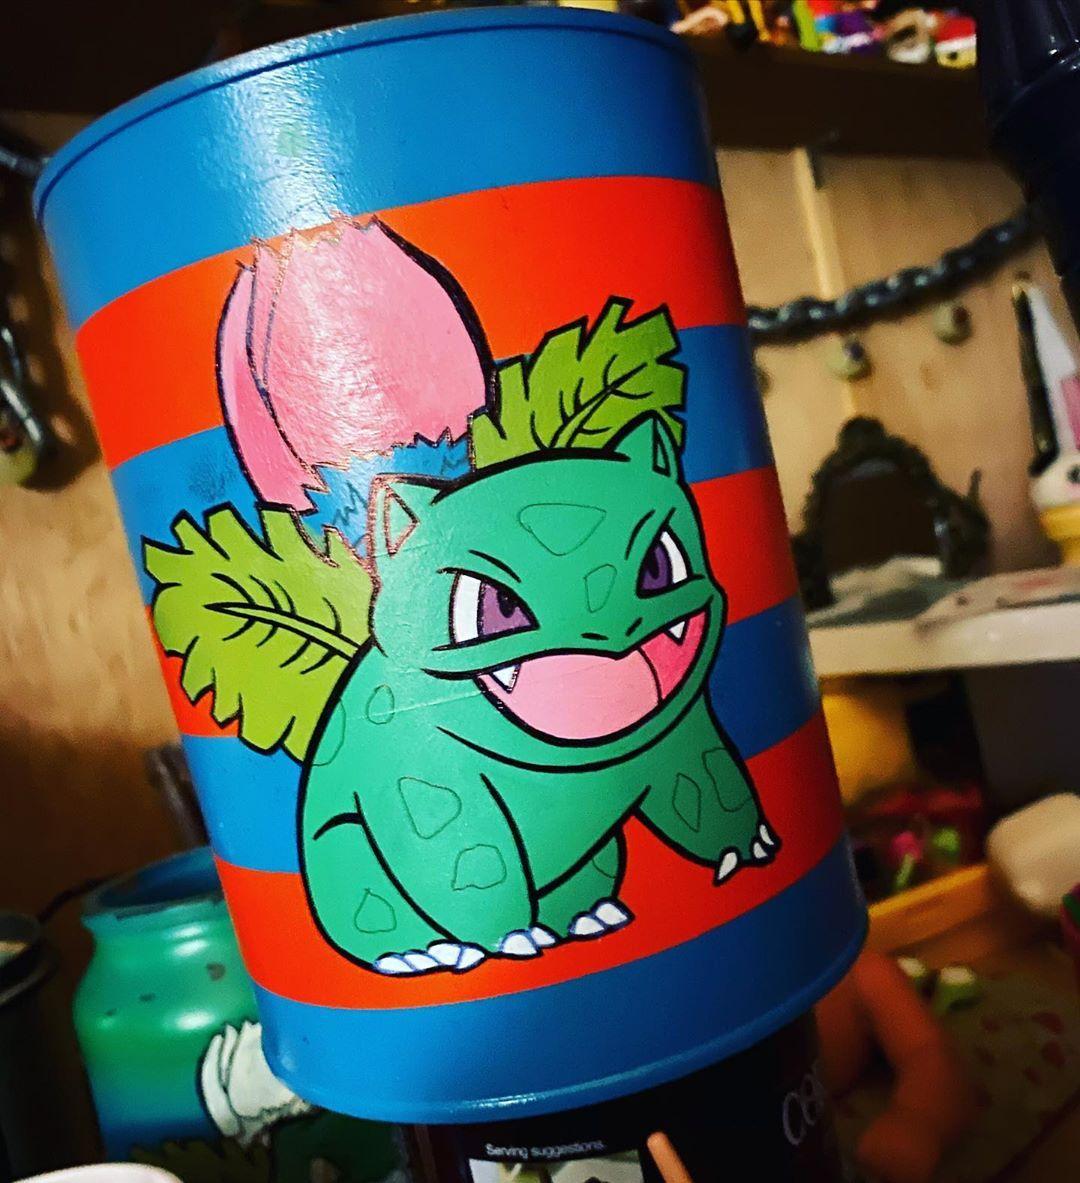 Pokémon plant pot on its waaaaay